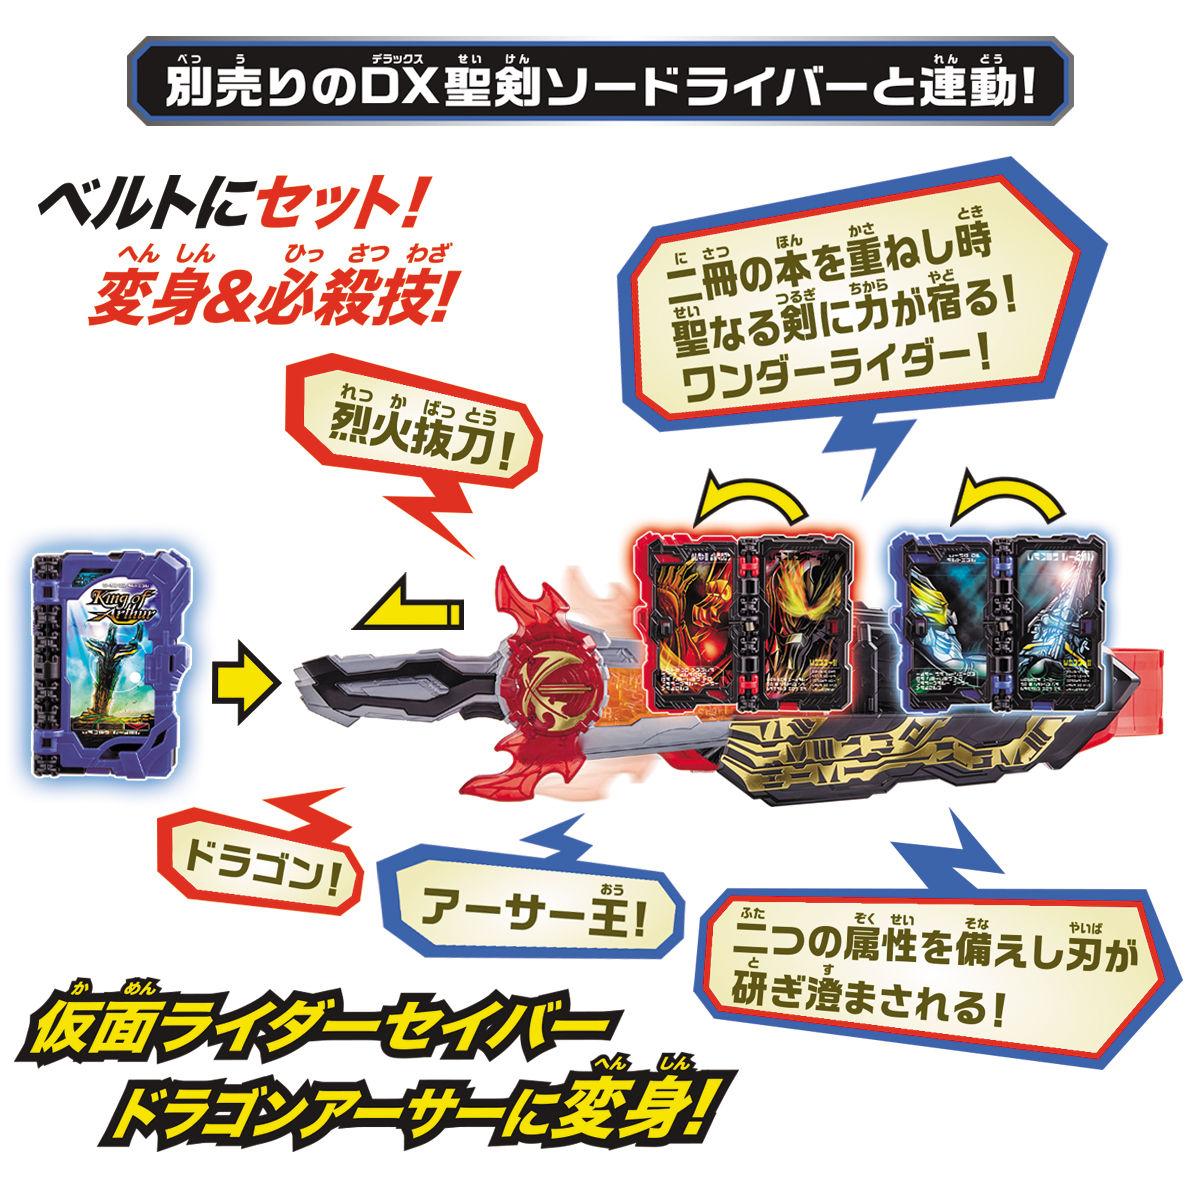 変身ベルト『DXキングエクスカリバー&キングオブアーサーワンダーライドブック』仮面ライダーカリバー 変身なりきり-008